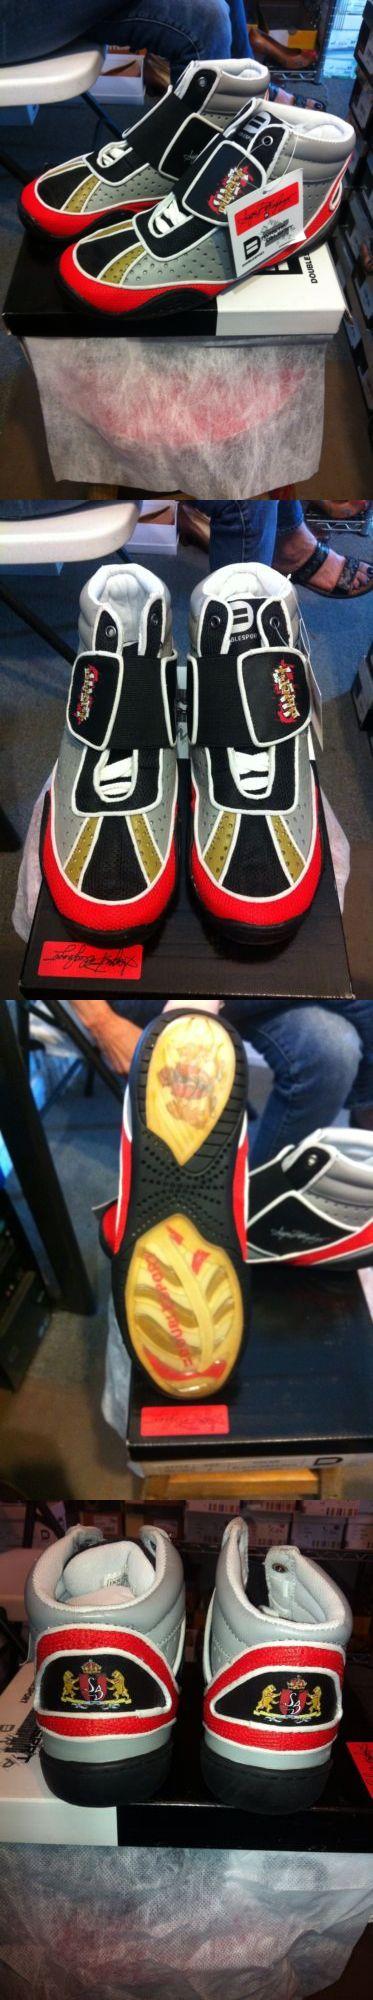 Footwear 79799: New Mens Size 15 Sergei Beloglazov Wrestling Shoes -> BUY IT NOW ONLY: $55 on eBay!